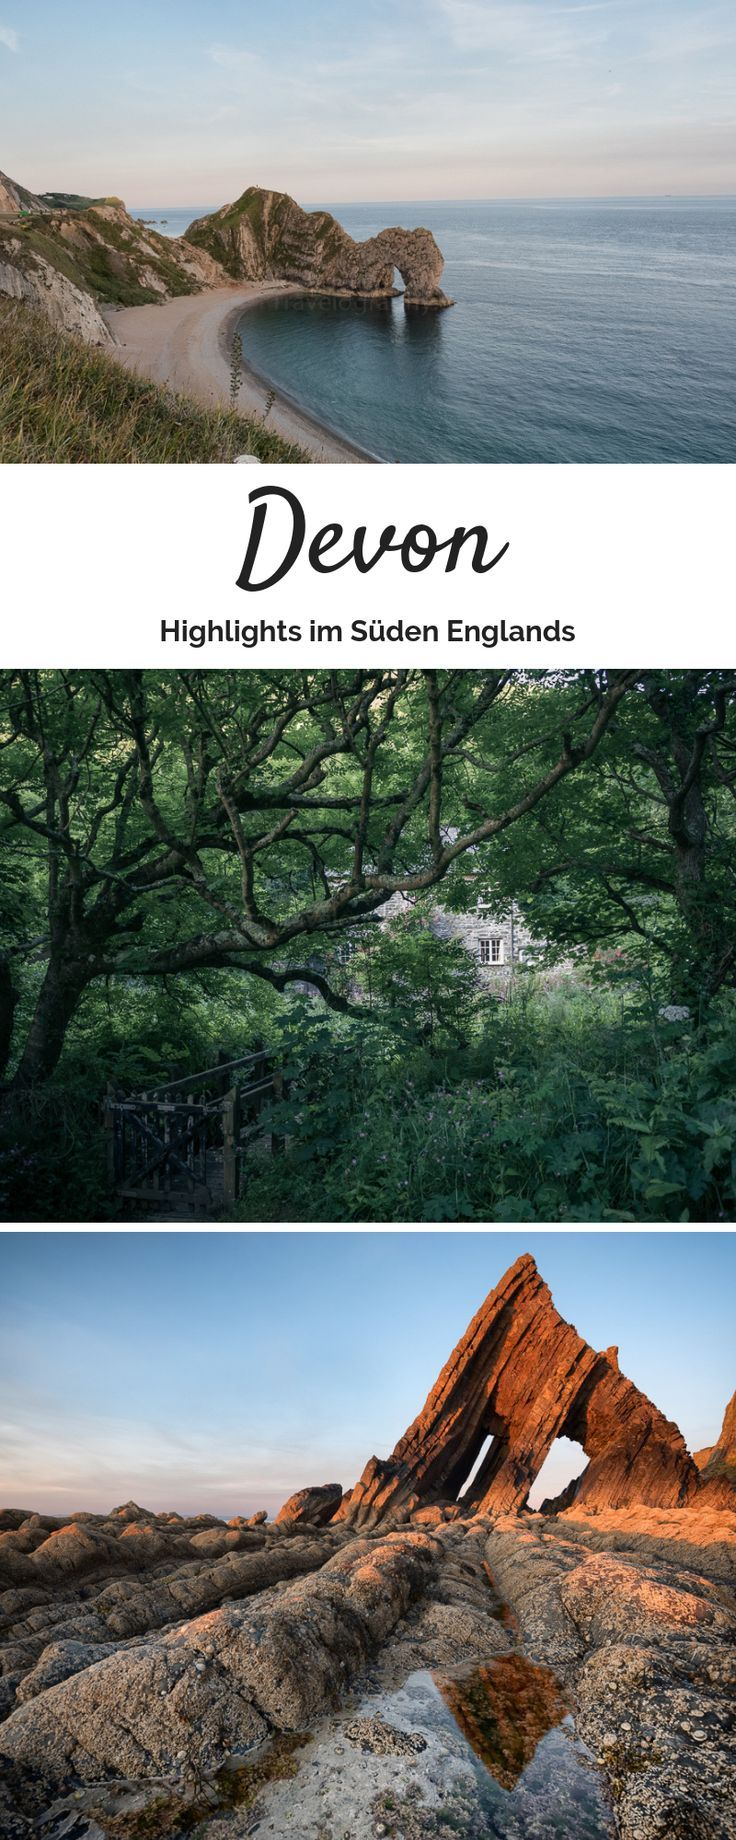 ¡Cómo el sur de Inglaterra simplemente es genial! Lo más destacado de mi mini viaje por carretera a través de Devon – Travel Blog Travelography